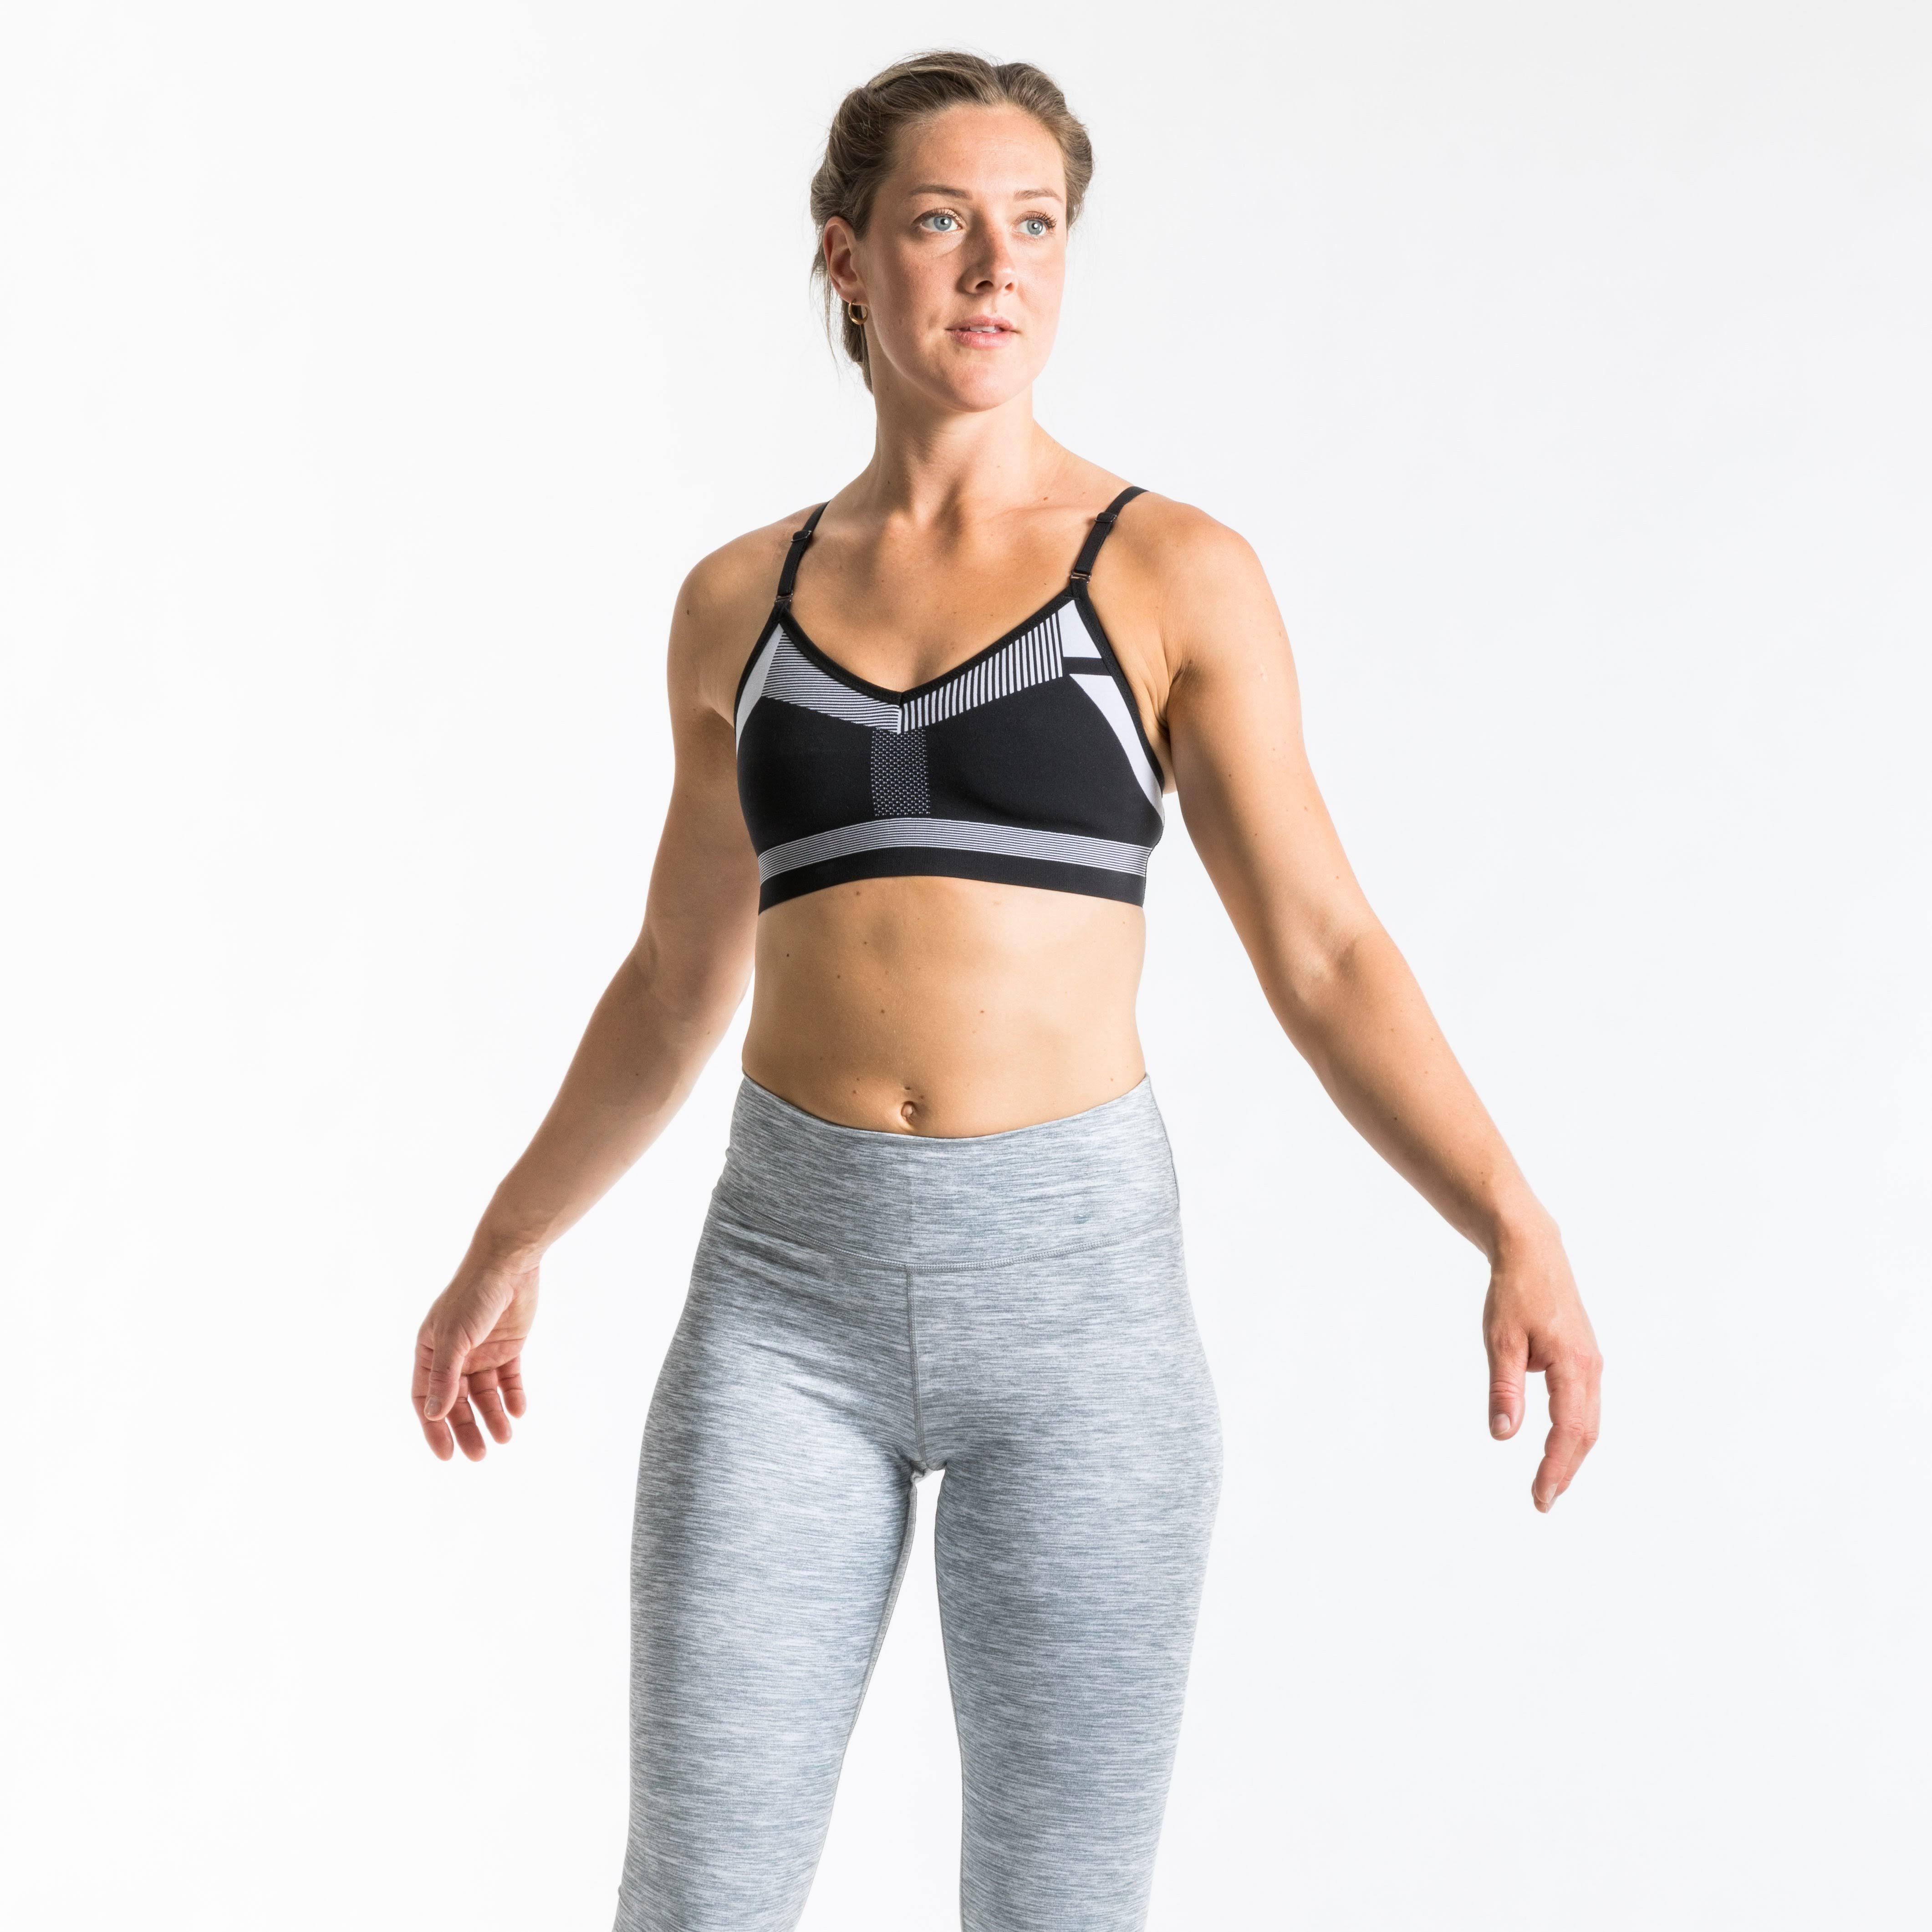 Nike Flyknit Indy Women Sports Bra Black